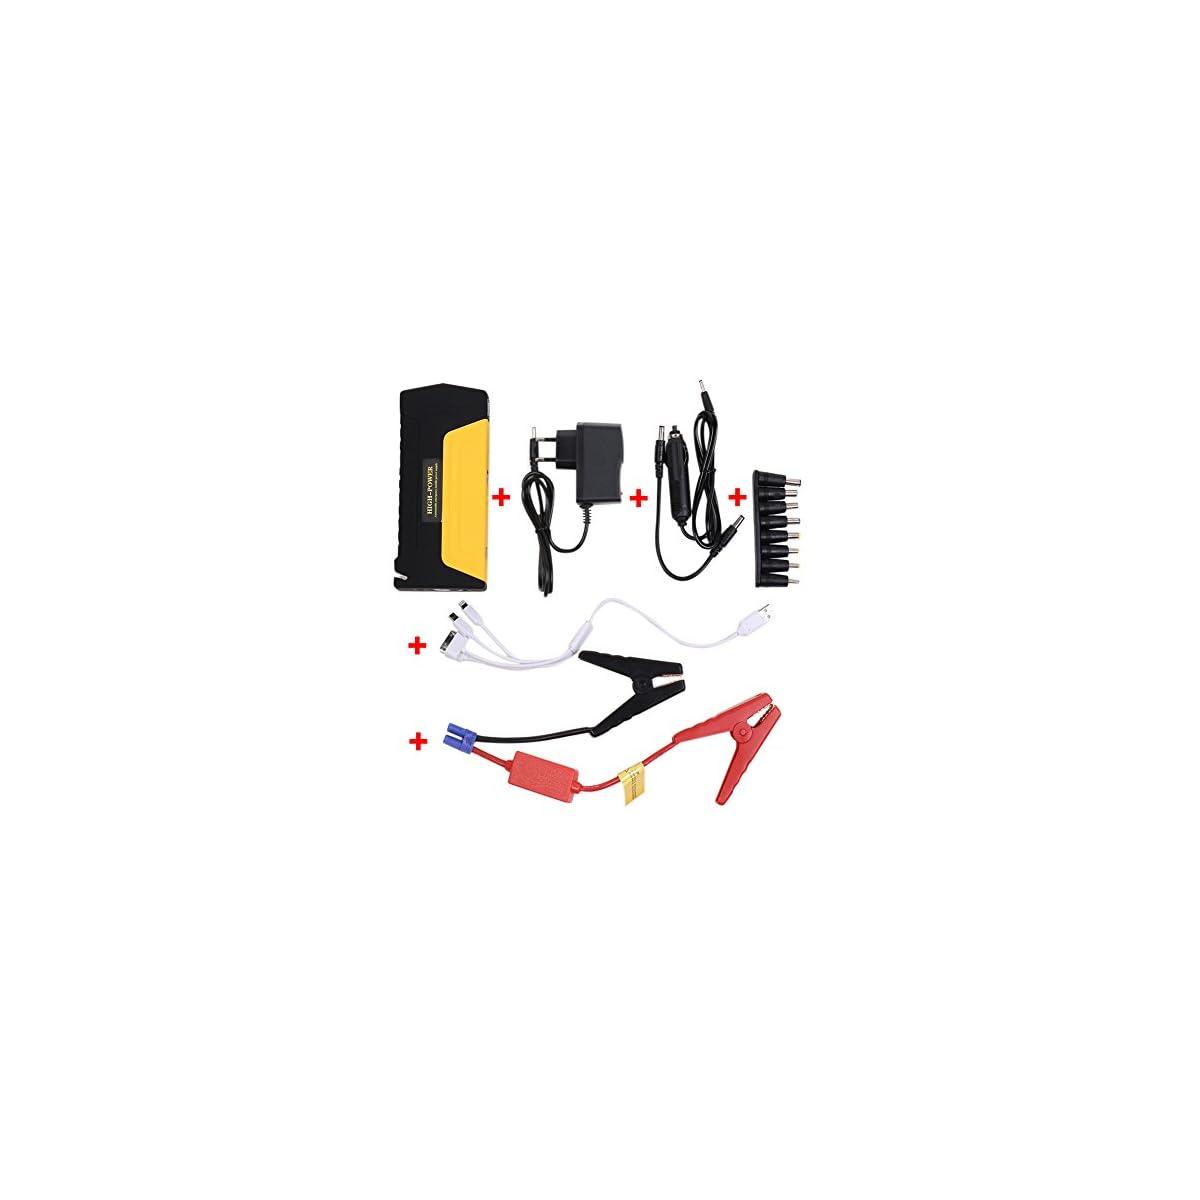 41QHRAC zwL. SS1200  - PRUGNA 10000mAh Emergencia del Arrancador de Coche con la Corriente Máxima 600A, Antorcha Incorporada del LED. Multi-Functional Movil Portátil Power Bank Vehículos Fuente de Energía de Emergencia Cargador de Batería de Automóvil.[Tienda de fábrica]